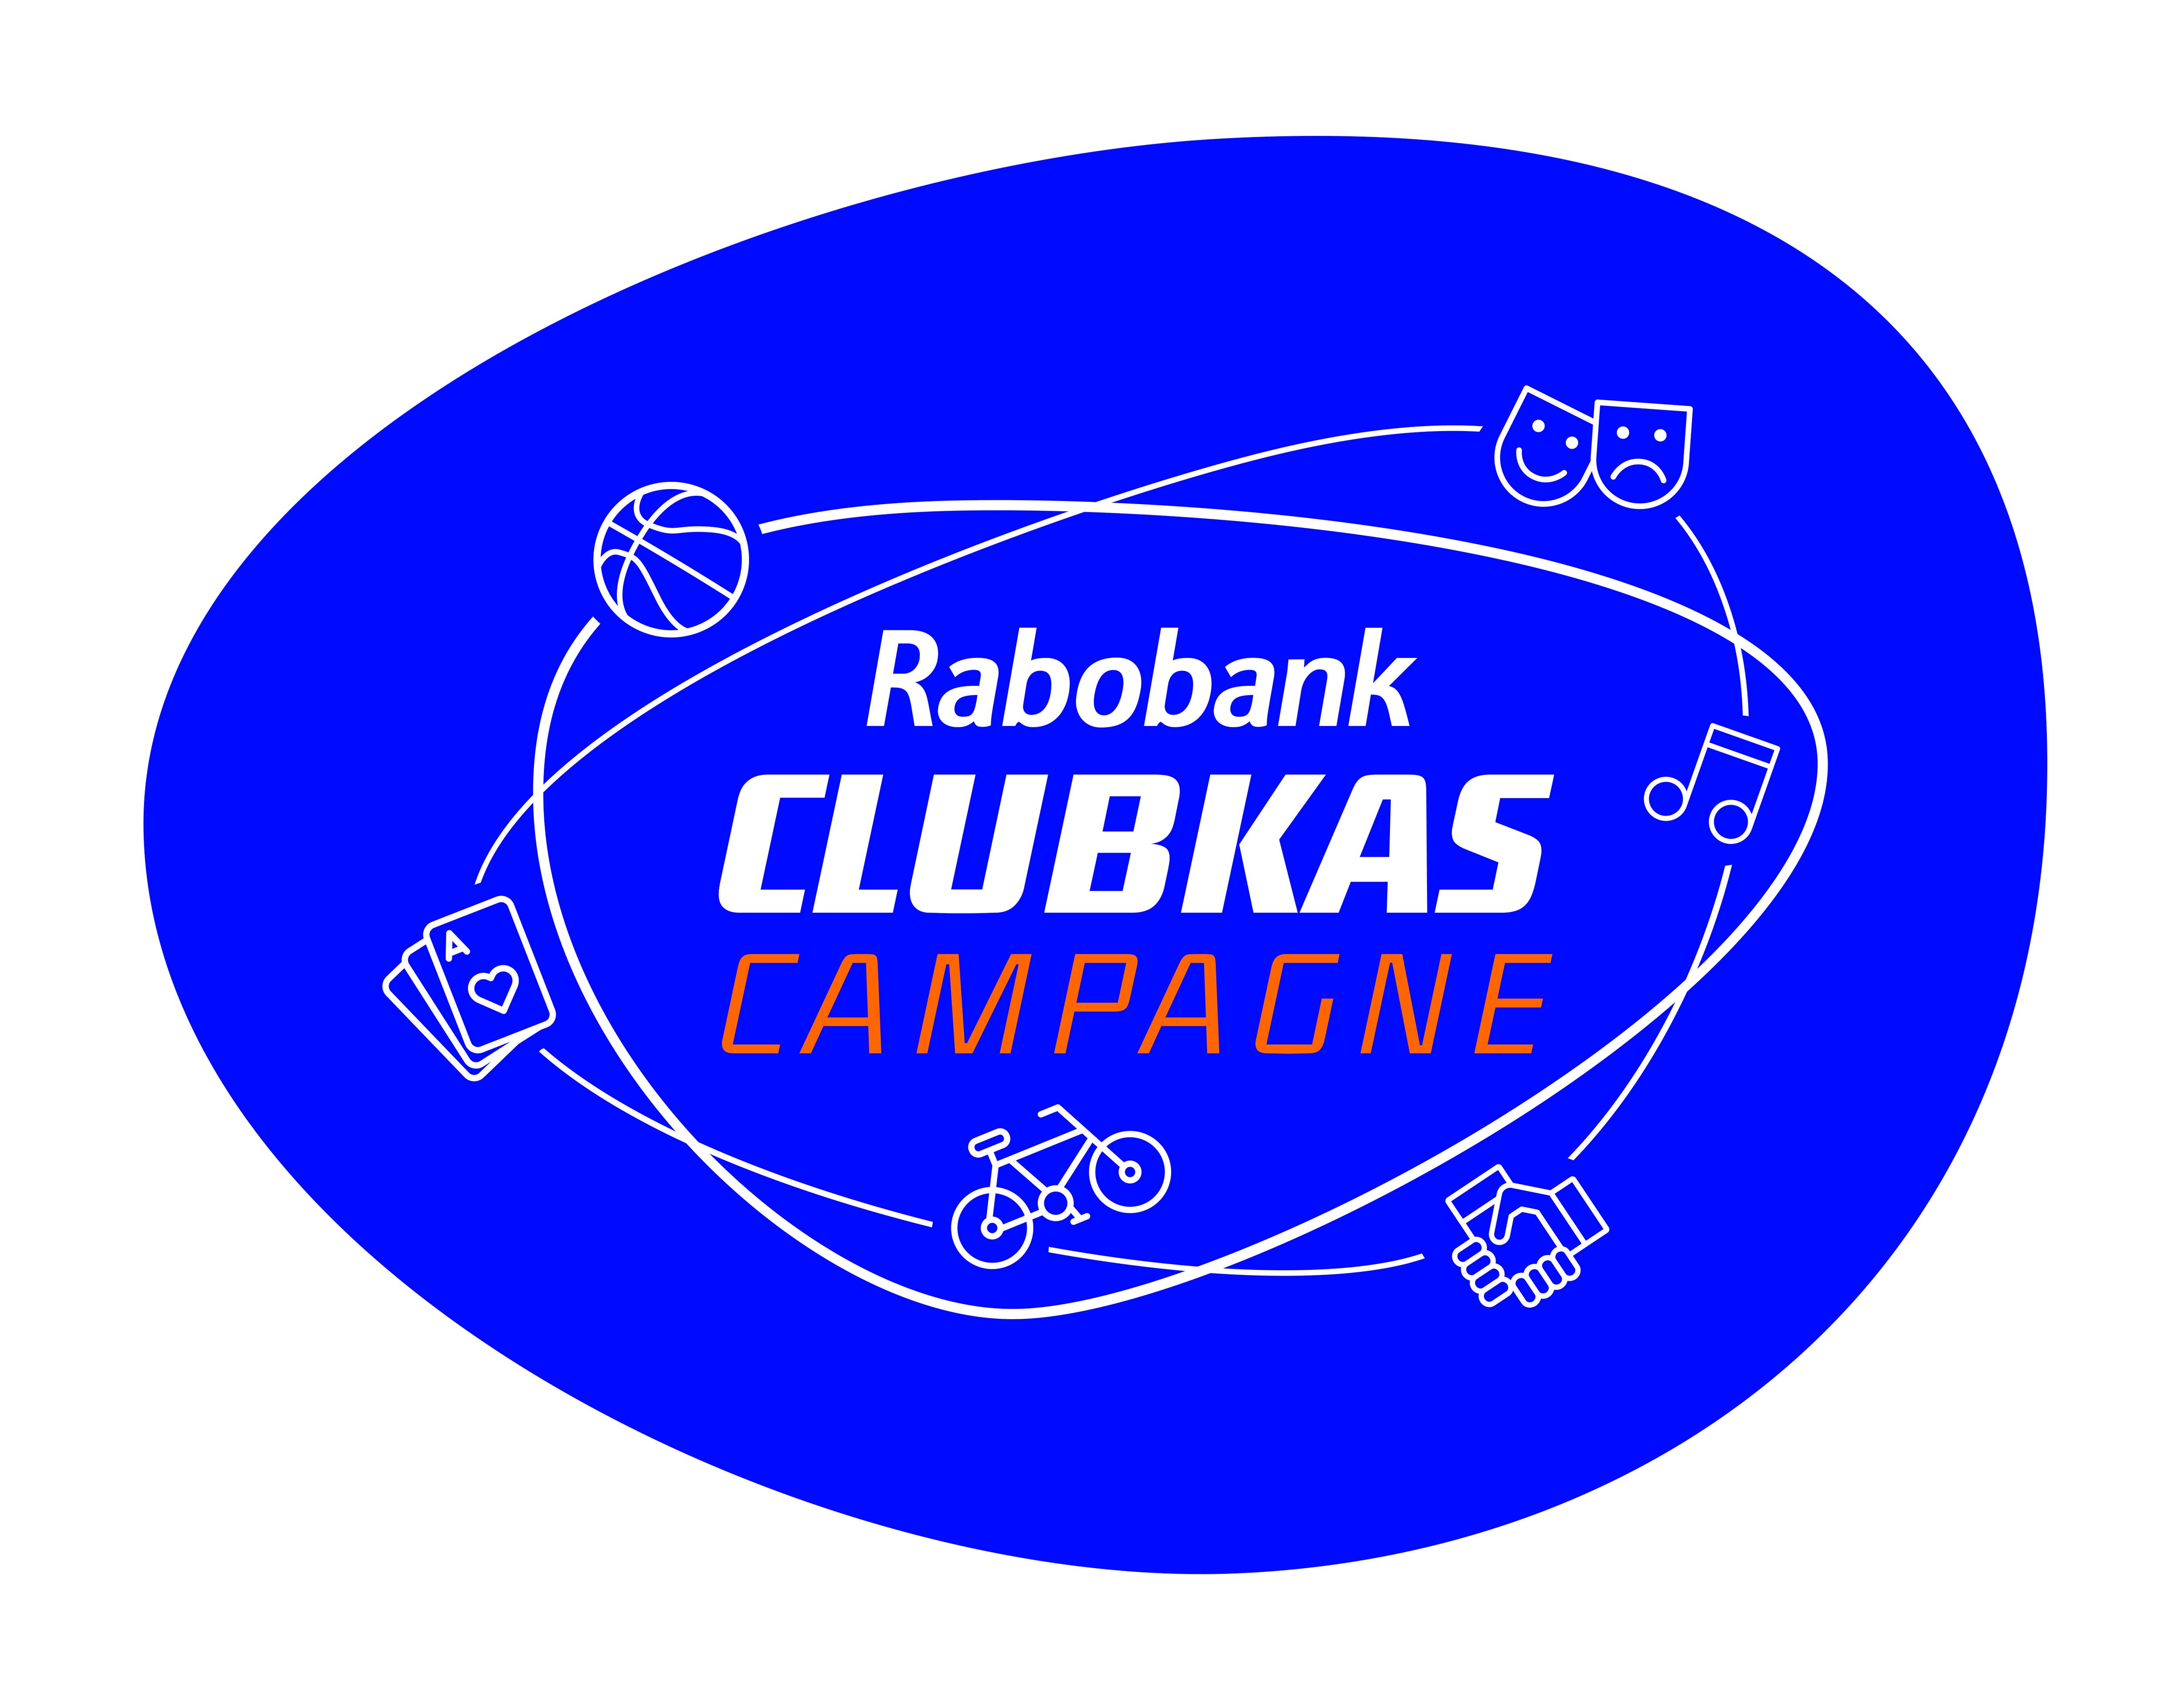 Laatste dag om te kunnen stemmen voor Rabobank Clubkas Actie!